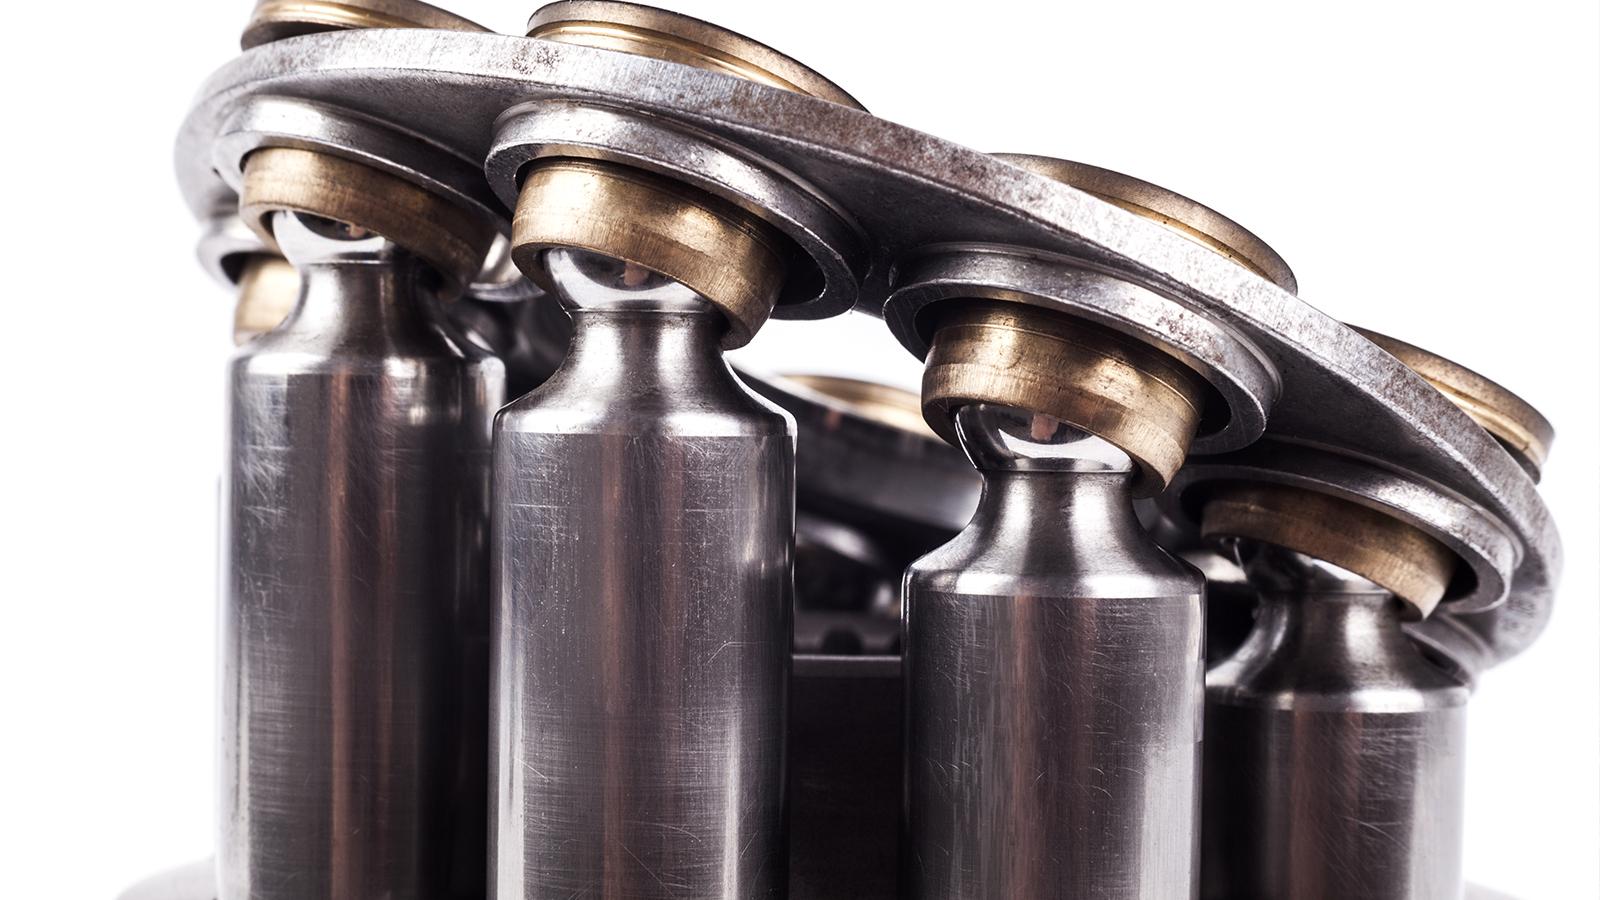 cilindros de doble efecto